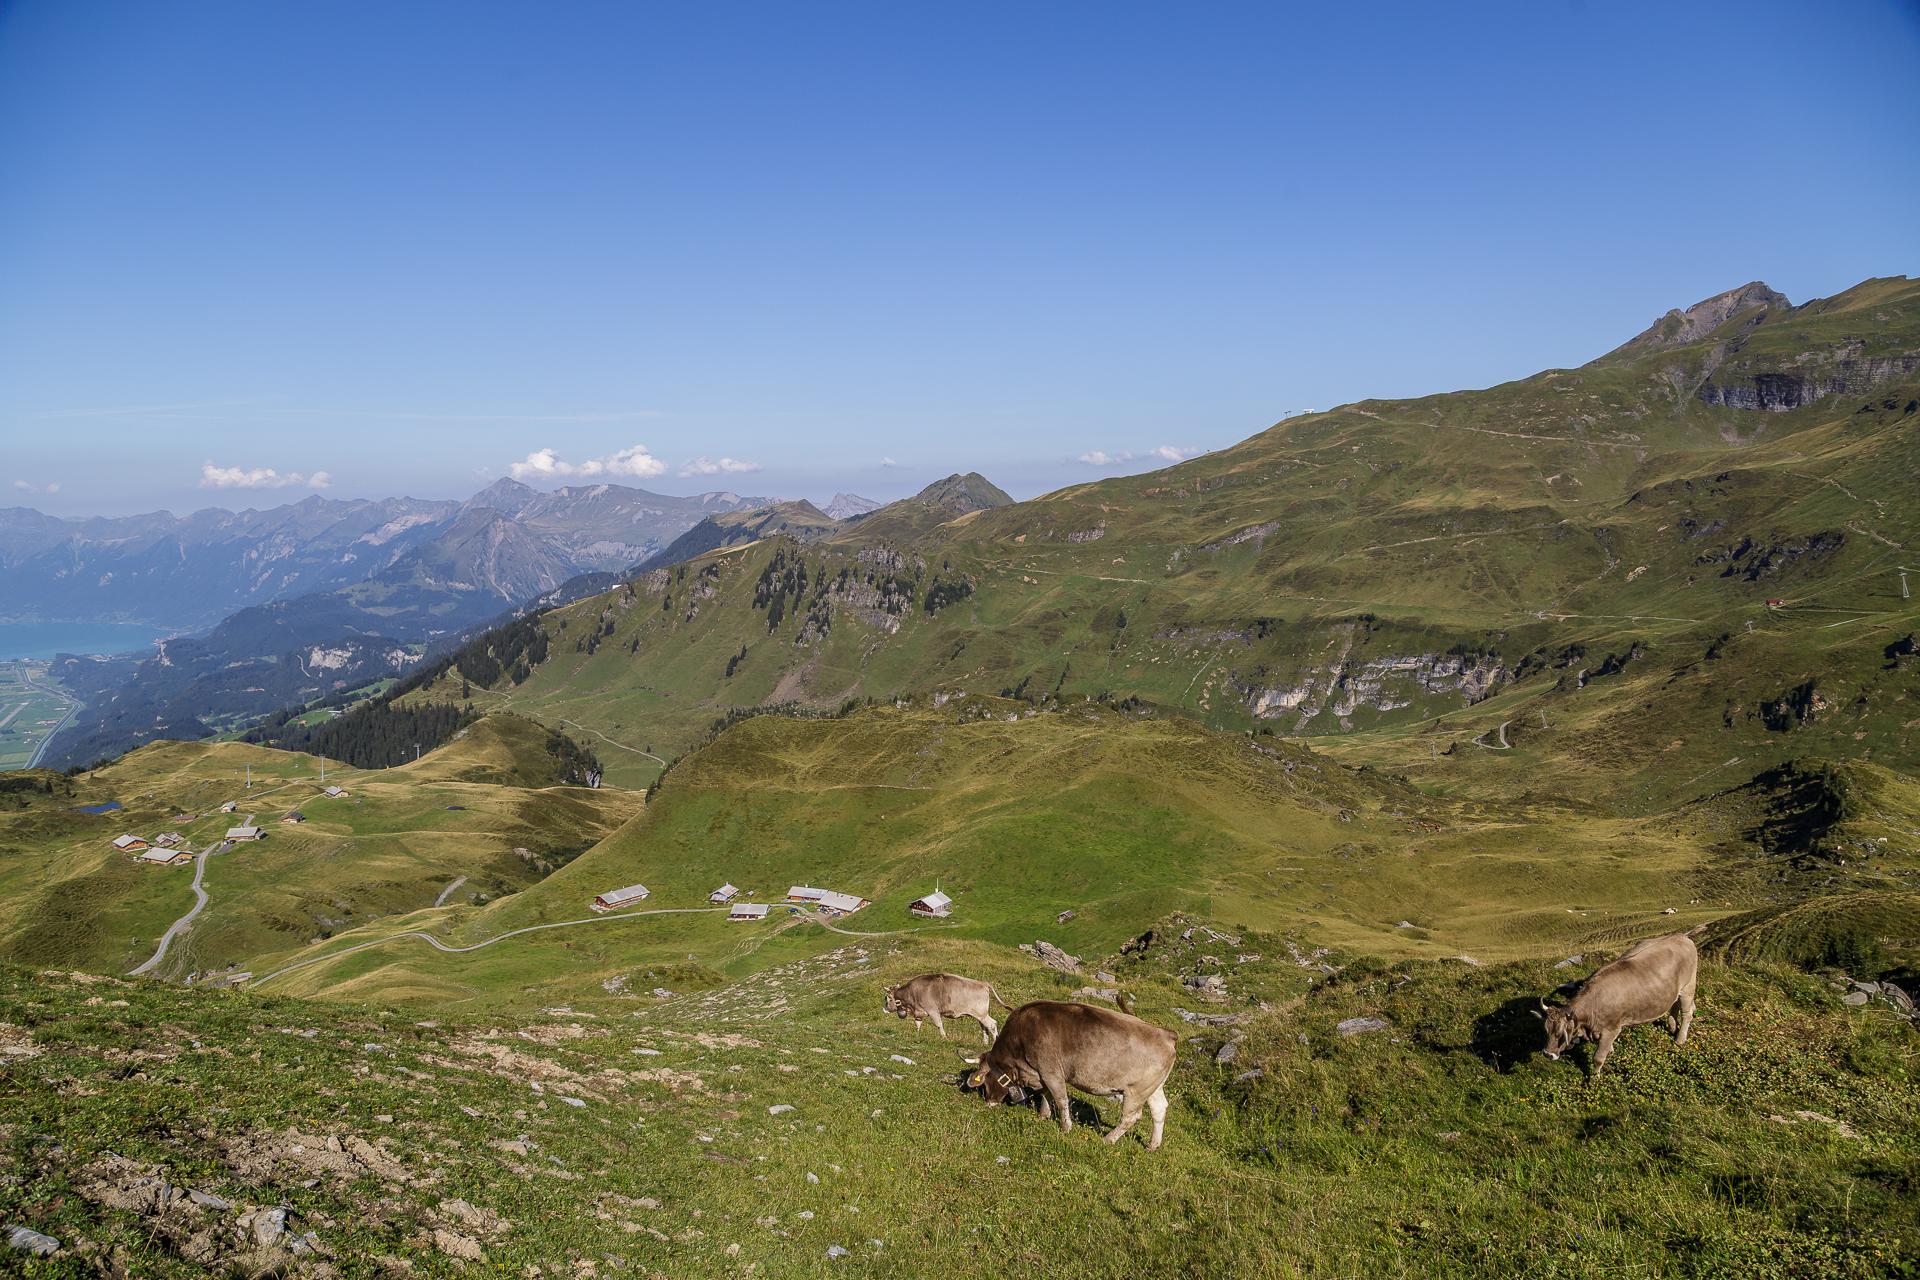 Maegisalp-Panorama